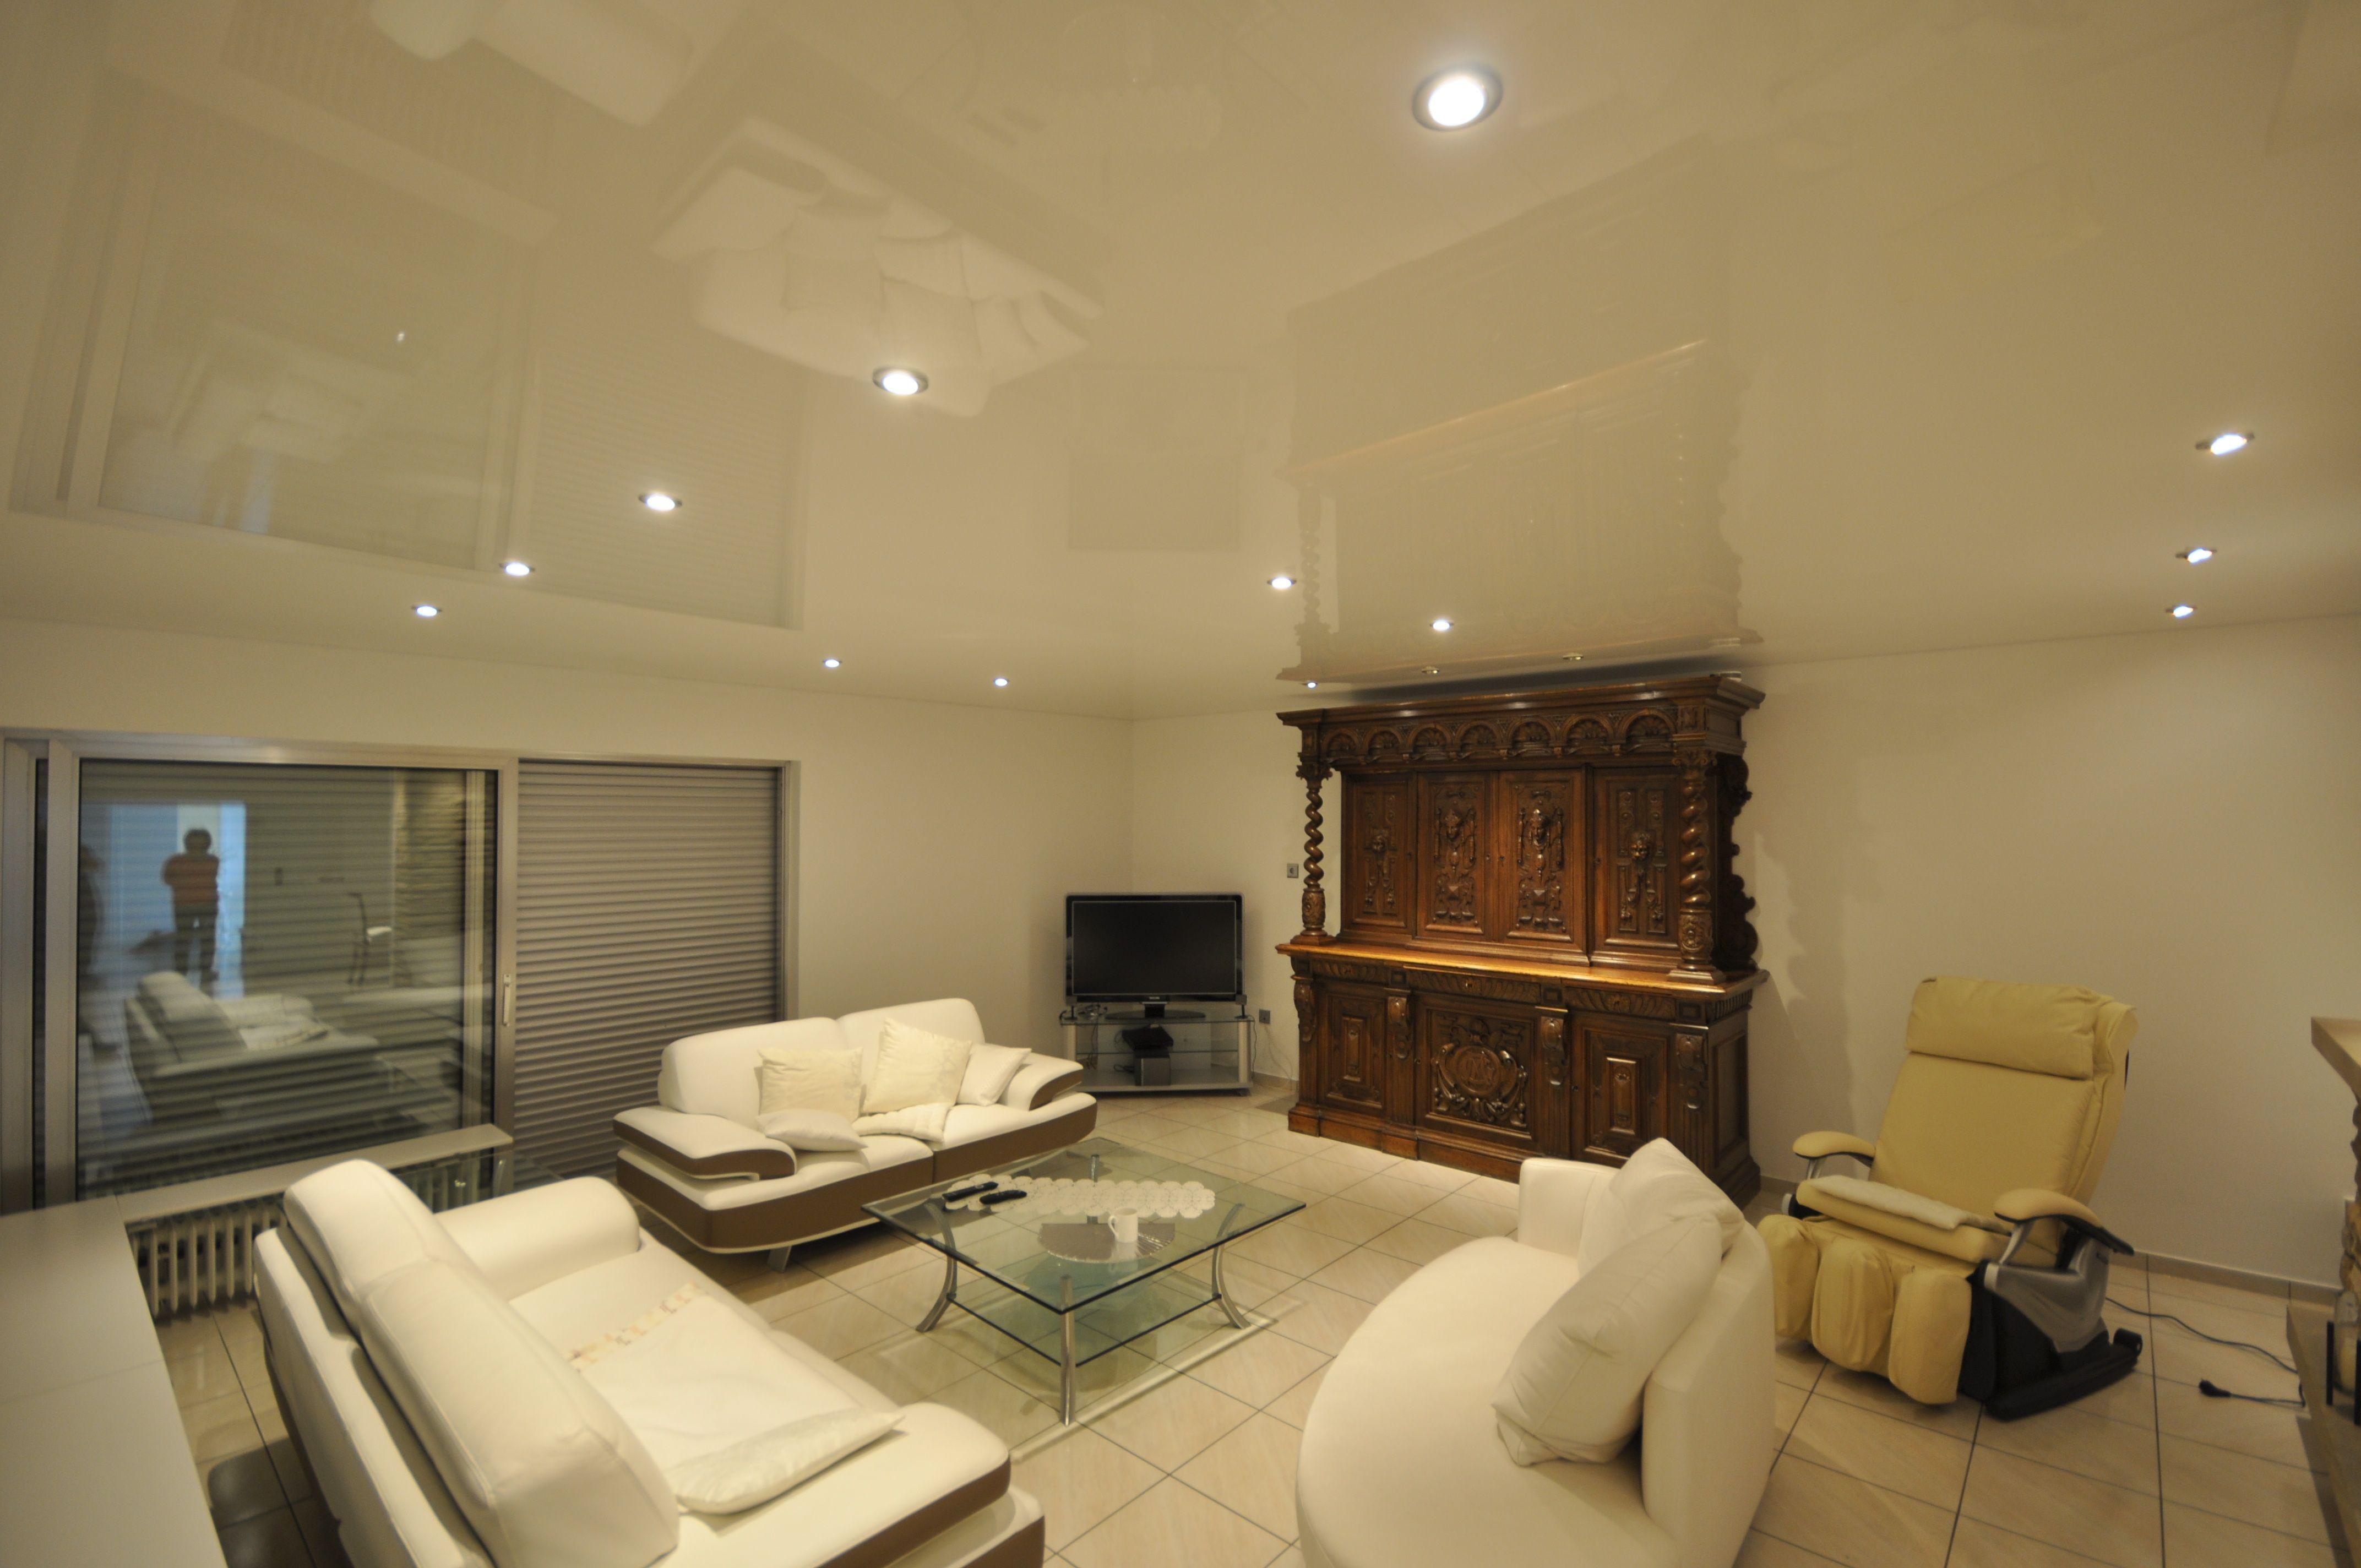 Wohnzimmer Decke ~ Wohnzimmer decken design wohnzimmer design venizianische